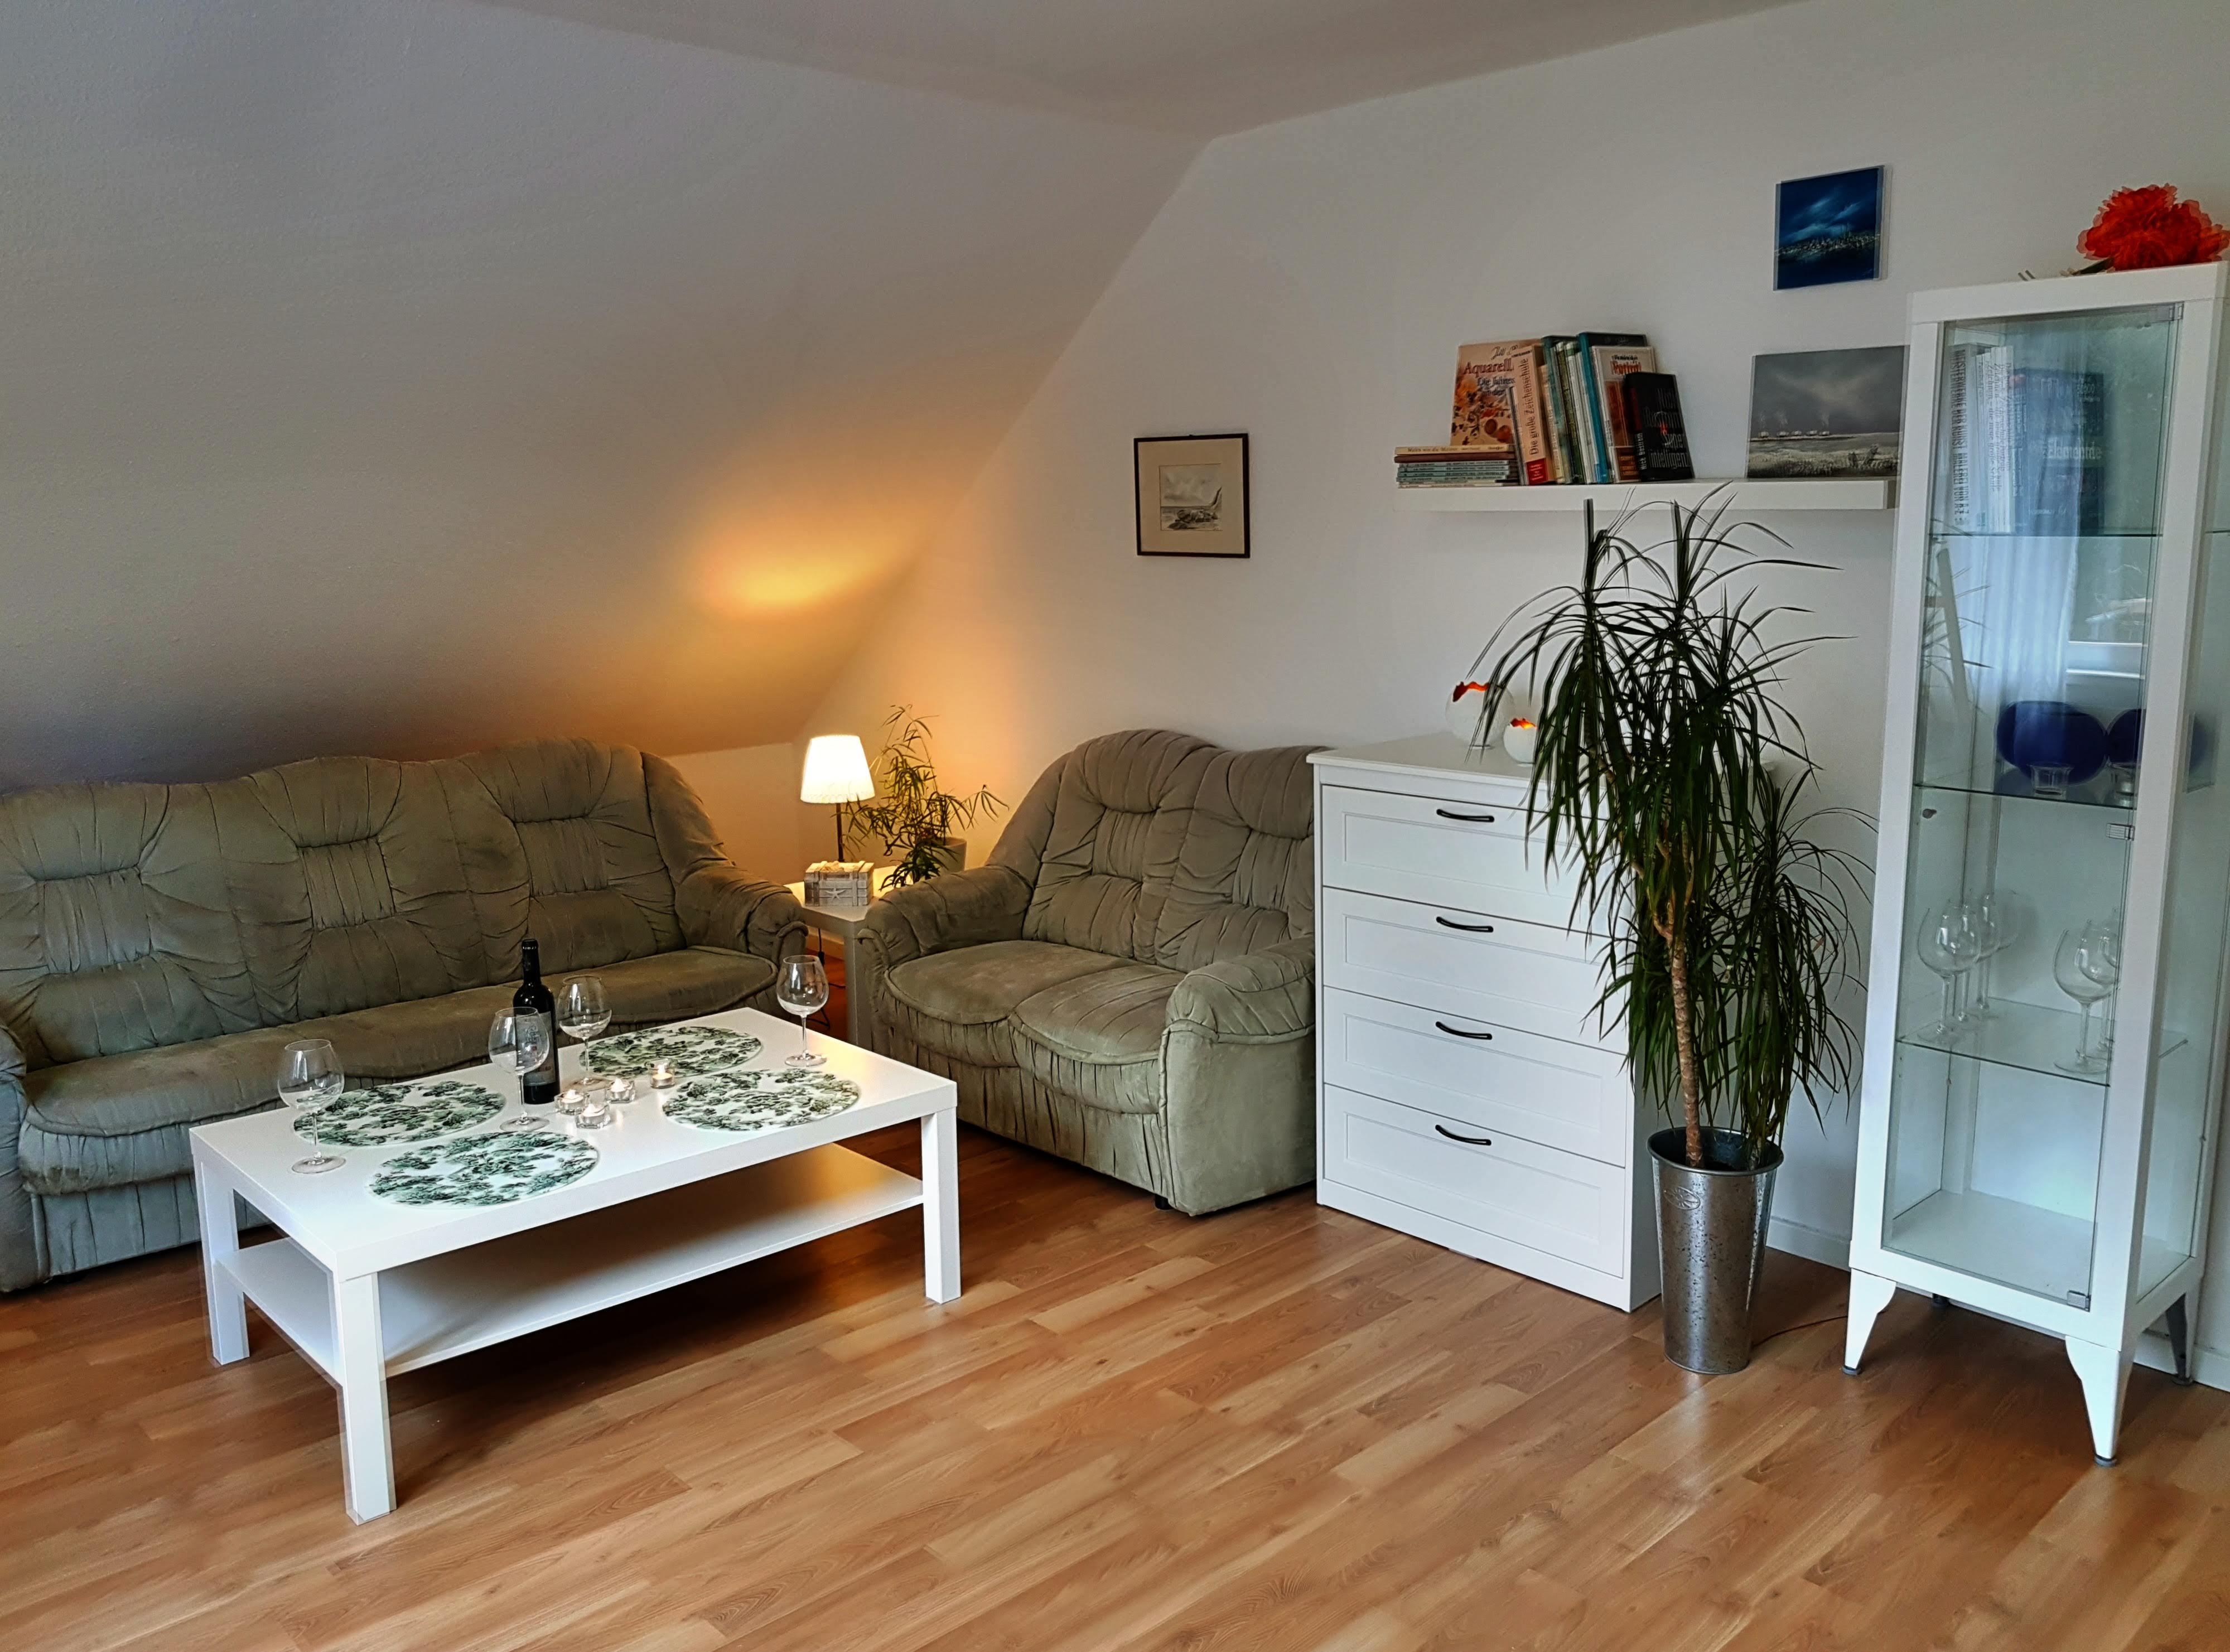 Monteurwohnung Hagen im Bremischen Wohnzimmer